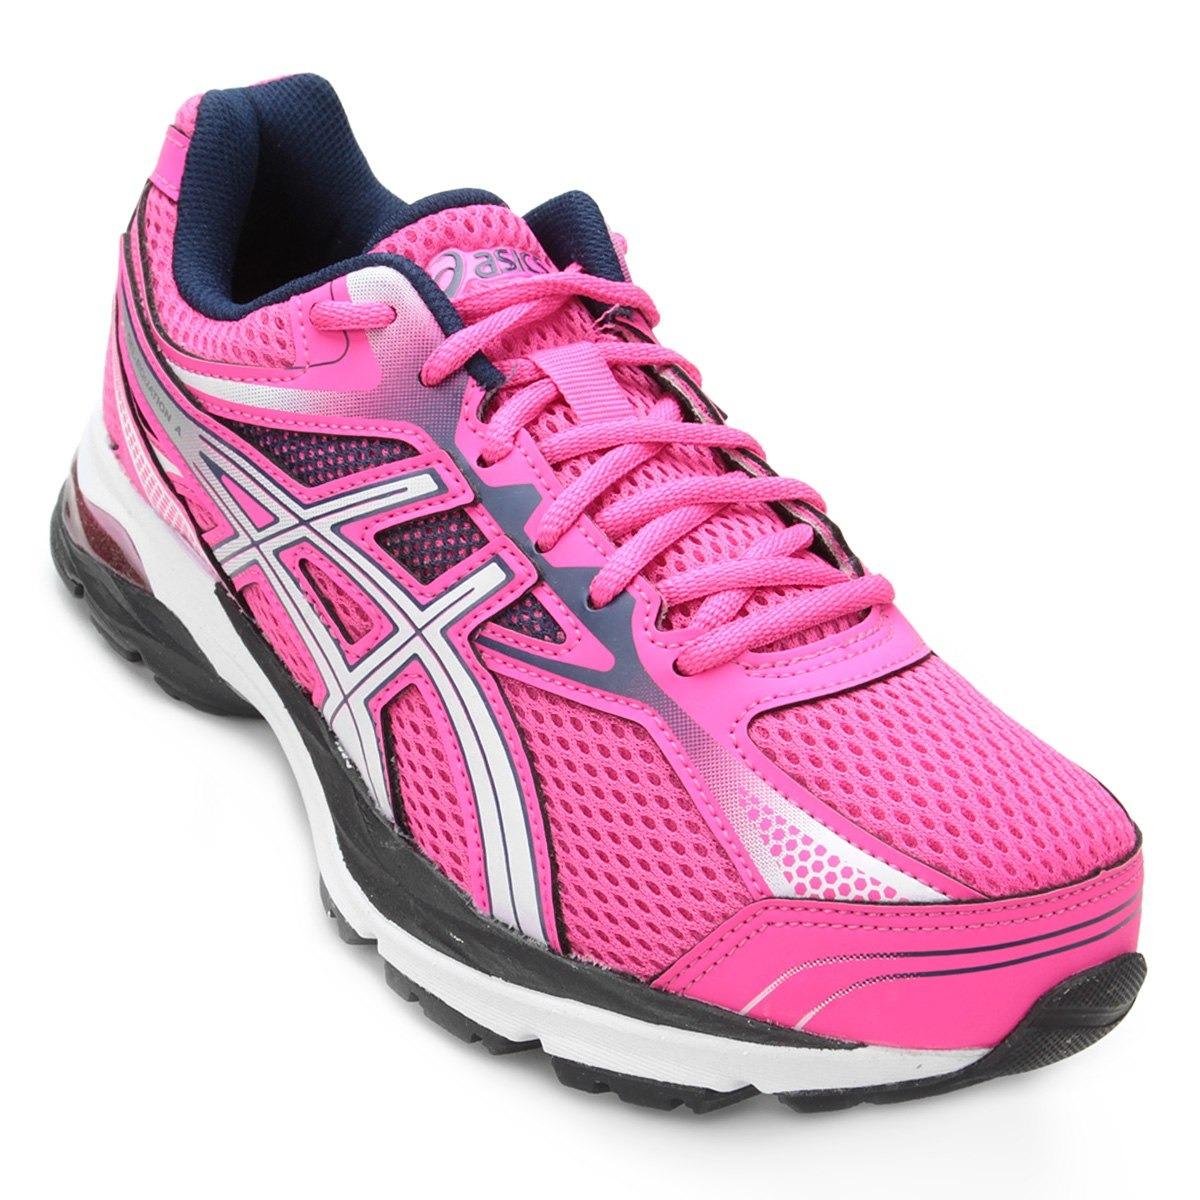 e50a755453a tenis asics gel equation 9 corrida feminino pink original. Carregando zoom.